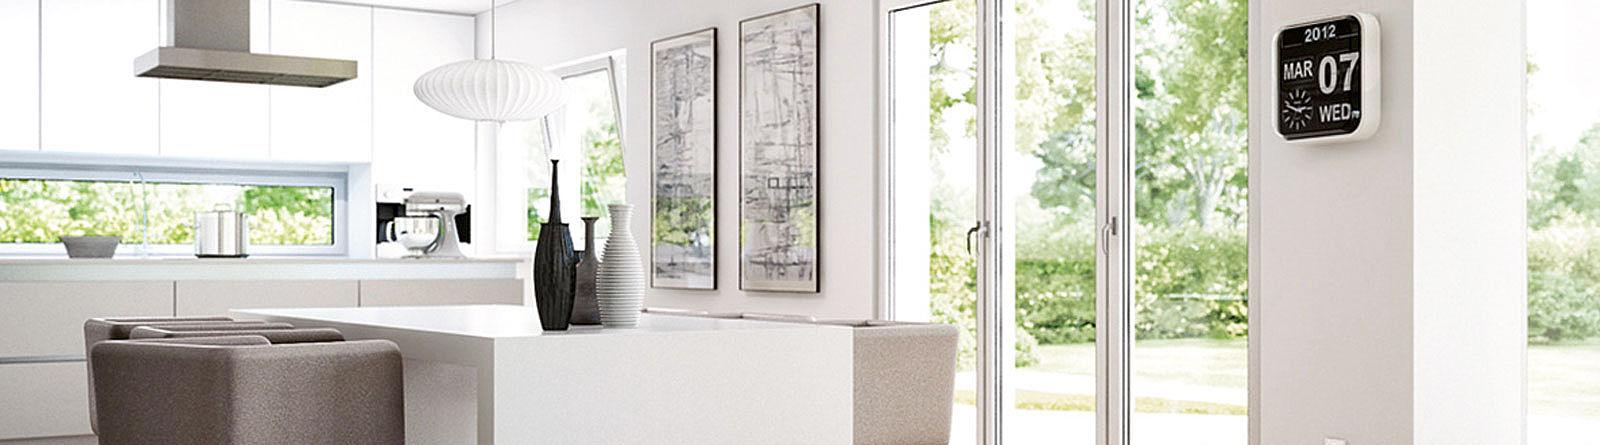 ege partner f r bautr ger. Black Bedroom Furniture Sets. Home Design Ideas